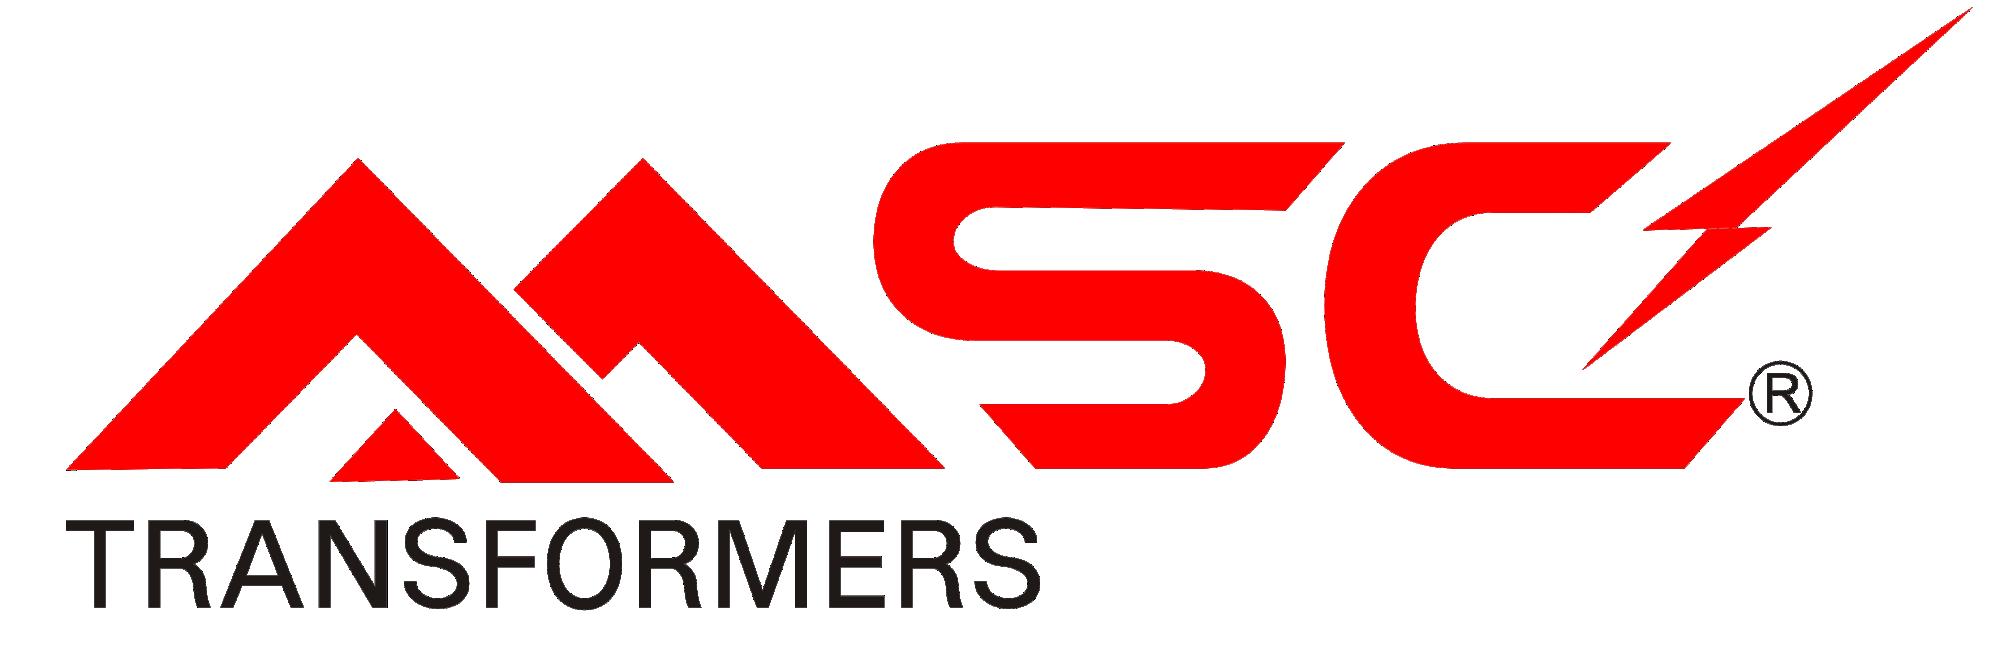 MSC Transformers Pvt Ltd